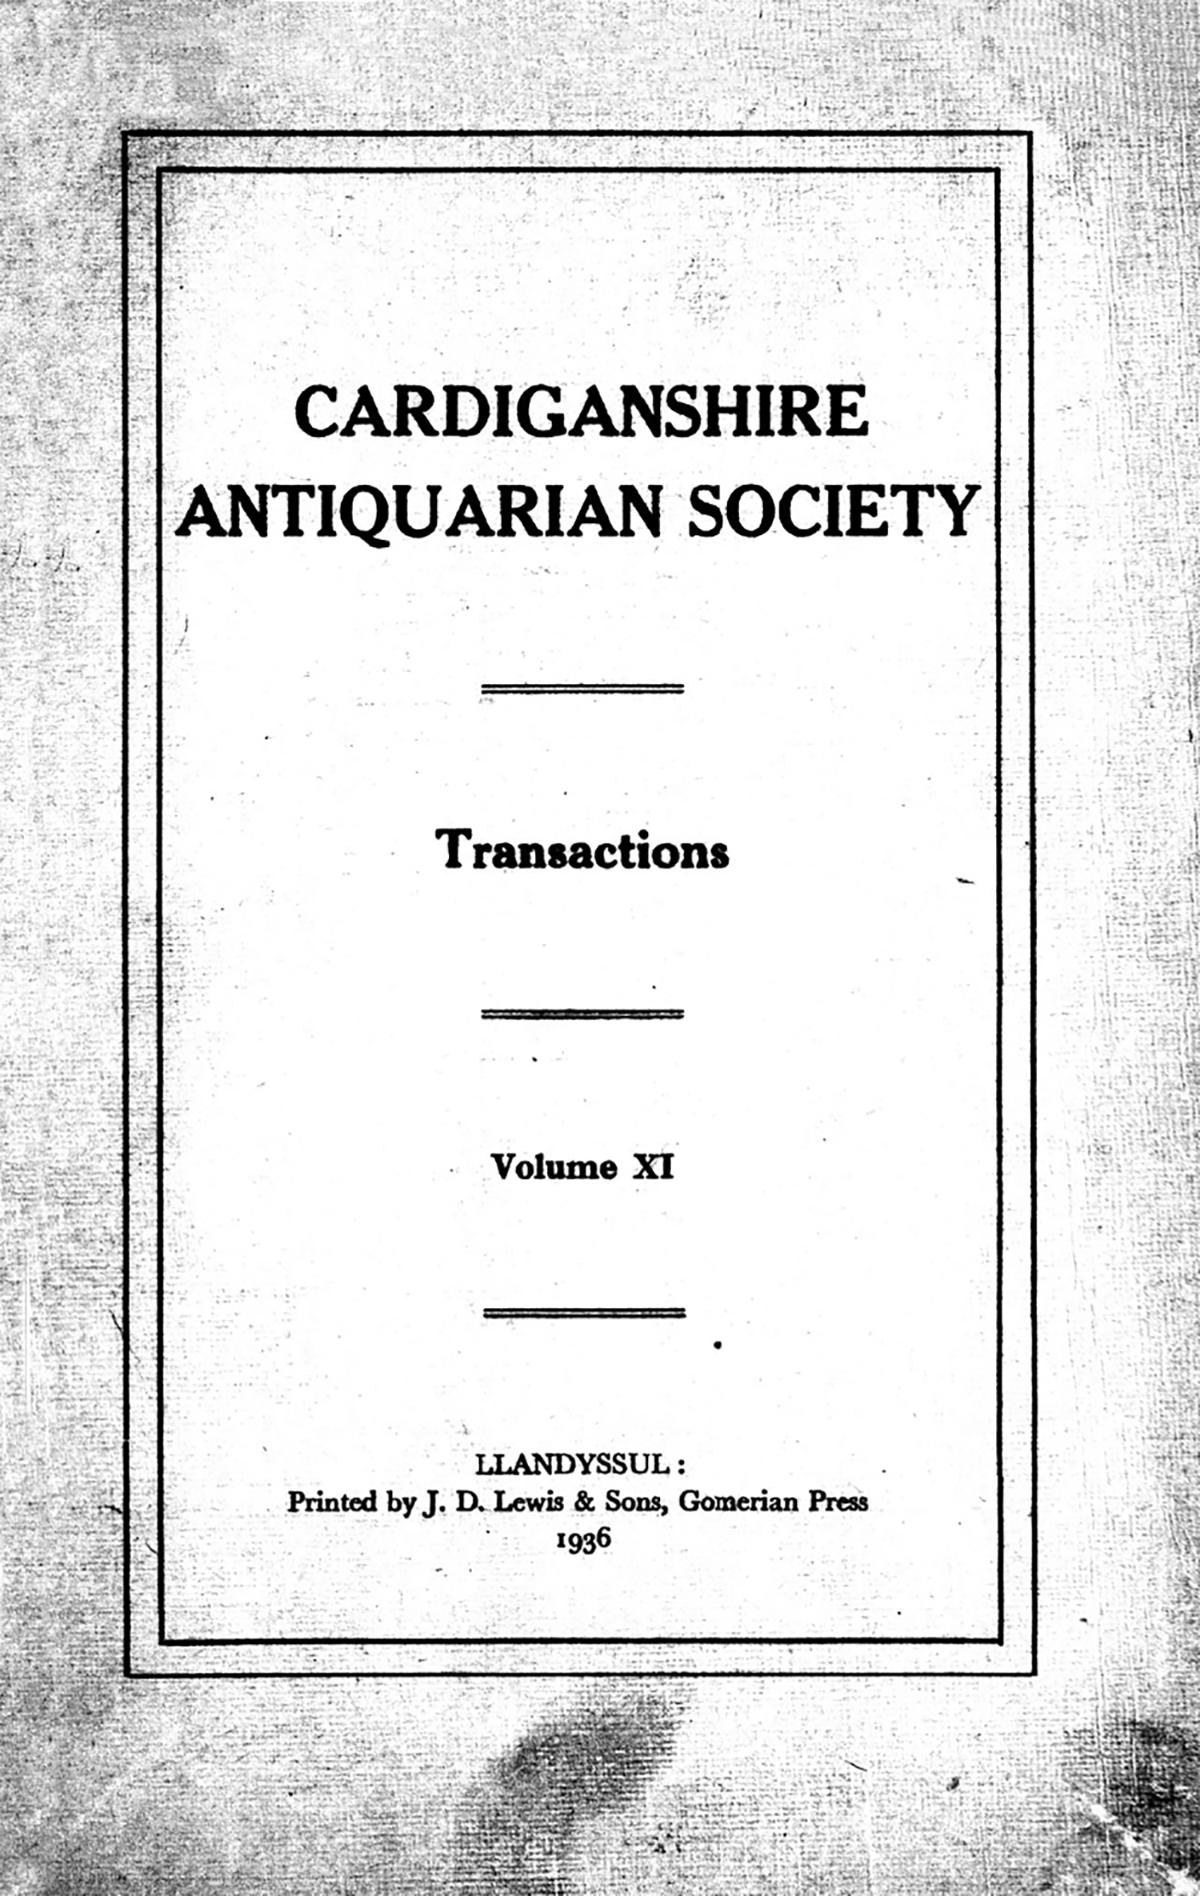 Trafodion Cymdeithas Hynafiaethwyr Sir Aberteifi a Chofnod archeolegol - Cyfrol 11